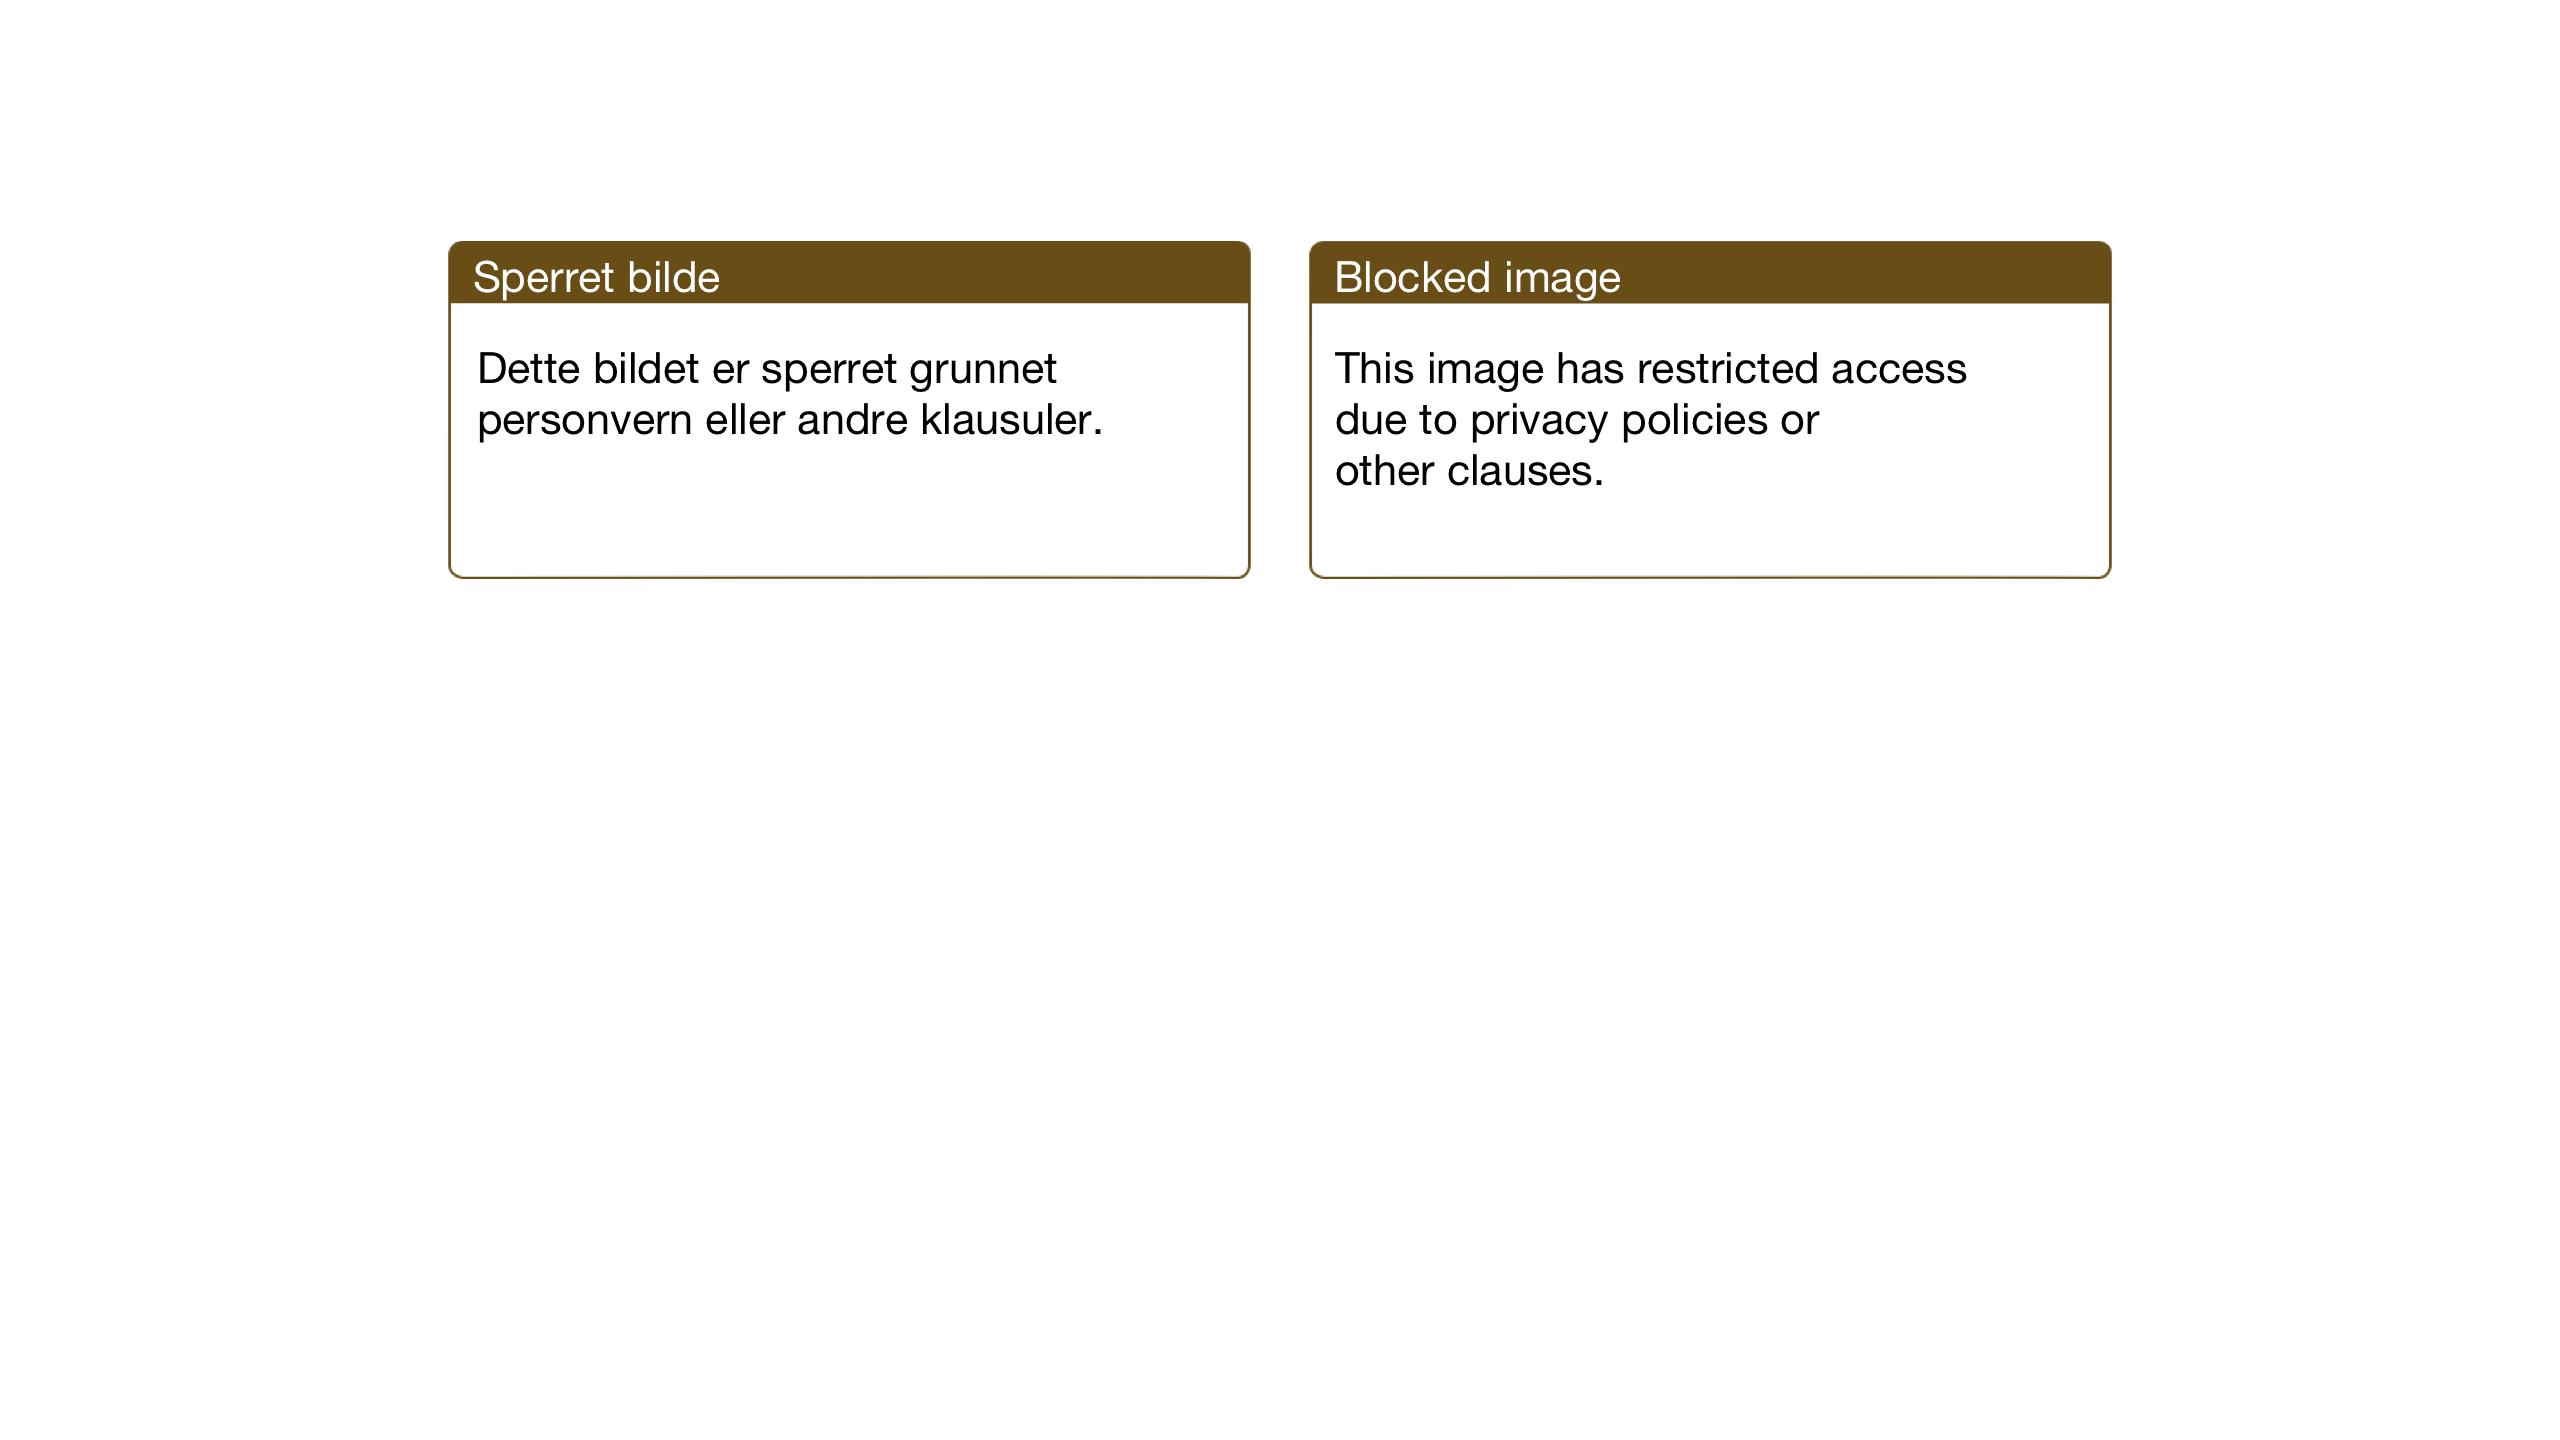 SAT, Ministerialprotokoller, klokkerbøker og fødselsregistre - Sør-Trøndelag, 615/L0401: Klokkerbok nr. 615C02, 1922-1941, s. 60